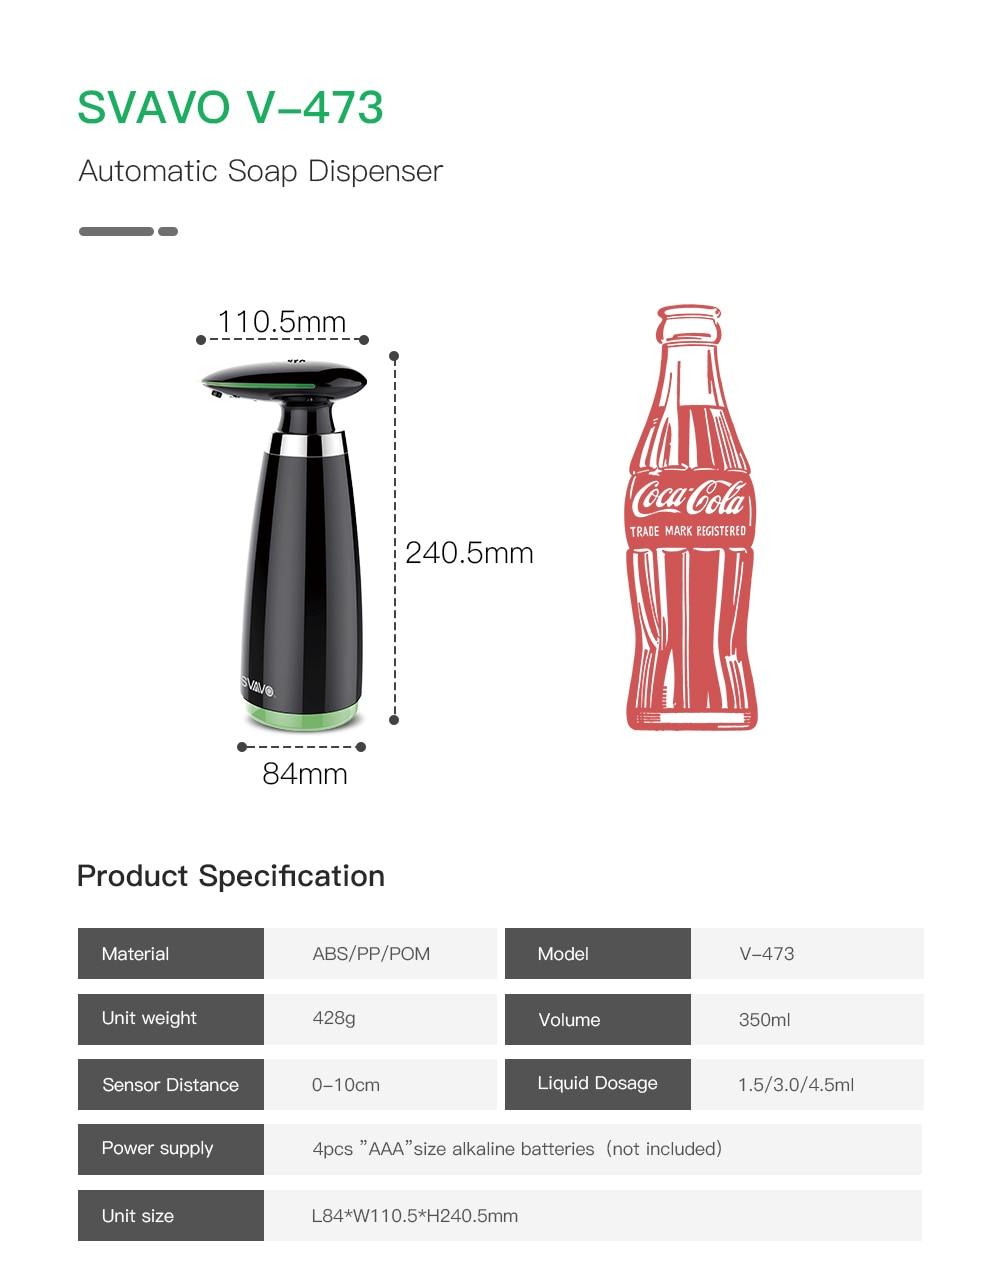 H30c41047b1cd4ec5b6a54df8aa18906fL SVAVO 350ml Automatic Soap Dispenser Infrared Touchless Motion Bathroom Dispenser Smart Sensor Liquid Soap Dispenser for Kitchen